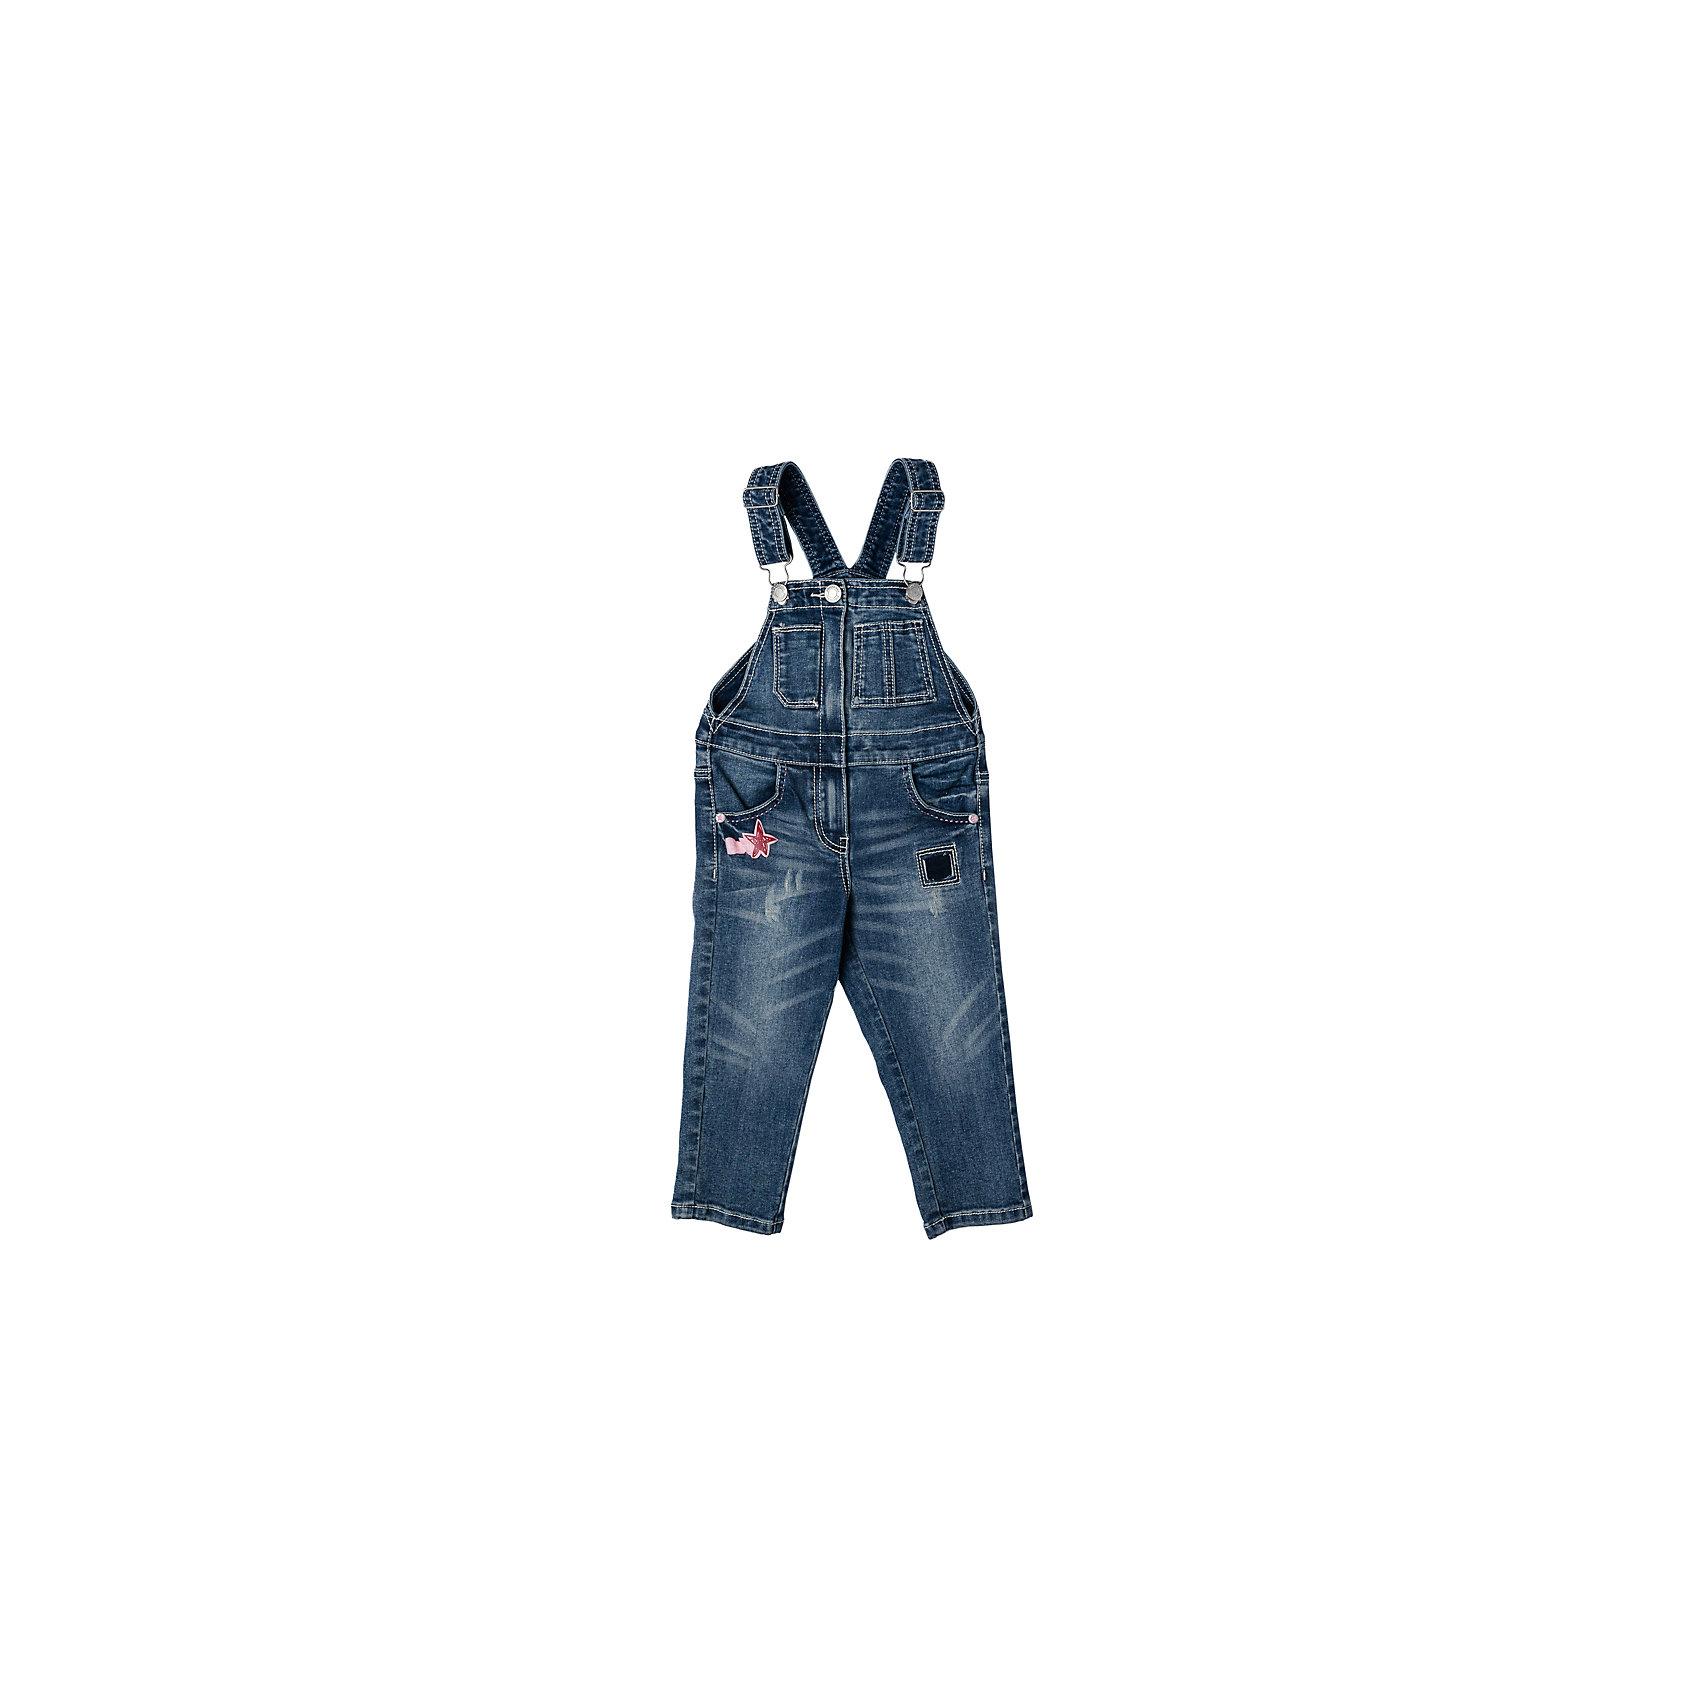 Комбинезон джинсовый для девочки PlayTodayДжинсовая одежда<br>Характеристики товара:<br><br>• цвет: голубой<br>• состав: 72% хлопок, 23% полиэстер, 3% вискоза, 2% эластан<br>• регулируемые лямки<br>• качественный материал<br>• карманы <br>• эффект потертостей<br>• комфортная посадка<br>• коллекция: весна-лето 2017<br>• страна бренда: Германия<br>• страна производства: Китай<br><br>Популярный бренд PlayToday выпустил новую коллекцию! Вещи из неё продолжают радовать покупателей удобством, стильным дизайном и продуманным кроем. Дети носят их с удовольствием. PlayToday - это линейка товаров, созданная специально для детей. Дизайнеры учитывают новые веяния моды и потребности детей. Порадуйте ребенка обновкой от проверенного производителя!<br>Эта модель обеспечит ребенку комфорт благодаря качественному материалу и удобному крою. С её помощью можно сделать интересный акцент в образе, дополнить наряд и одеться по погоде. Очень модная вещь! Выглядит стильно и аккуратно.<br><br>Полукомбинезон для девочки от известного бренда Scool можно купить в нашем интернет-магазине.<br><br>Ширина мм: 215<br>Глубина мм: 88<br>Высота мм: 191<br>Вес г: 336<br>Цвет: темно-синий<br>Возраст от месяцев: 18<br>Возраст до месяцев: 24<br>Пол: Женский<br>Возраст: Детский<br>Размер: 92,74,80,86<br>SKU: 5408099